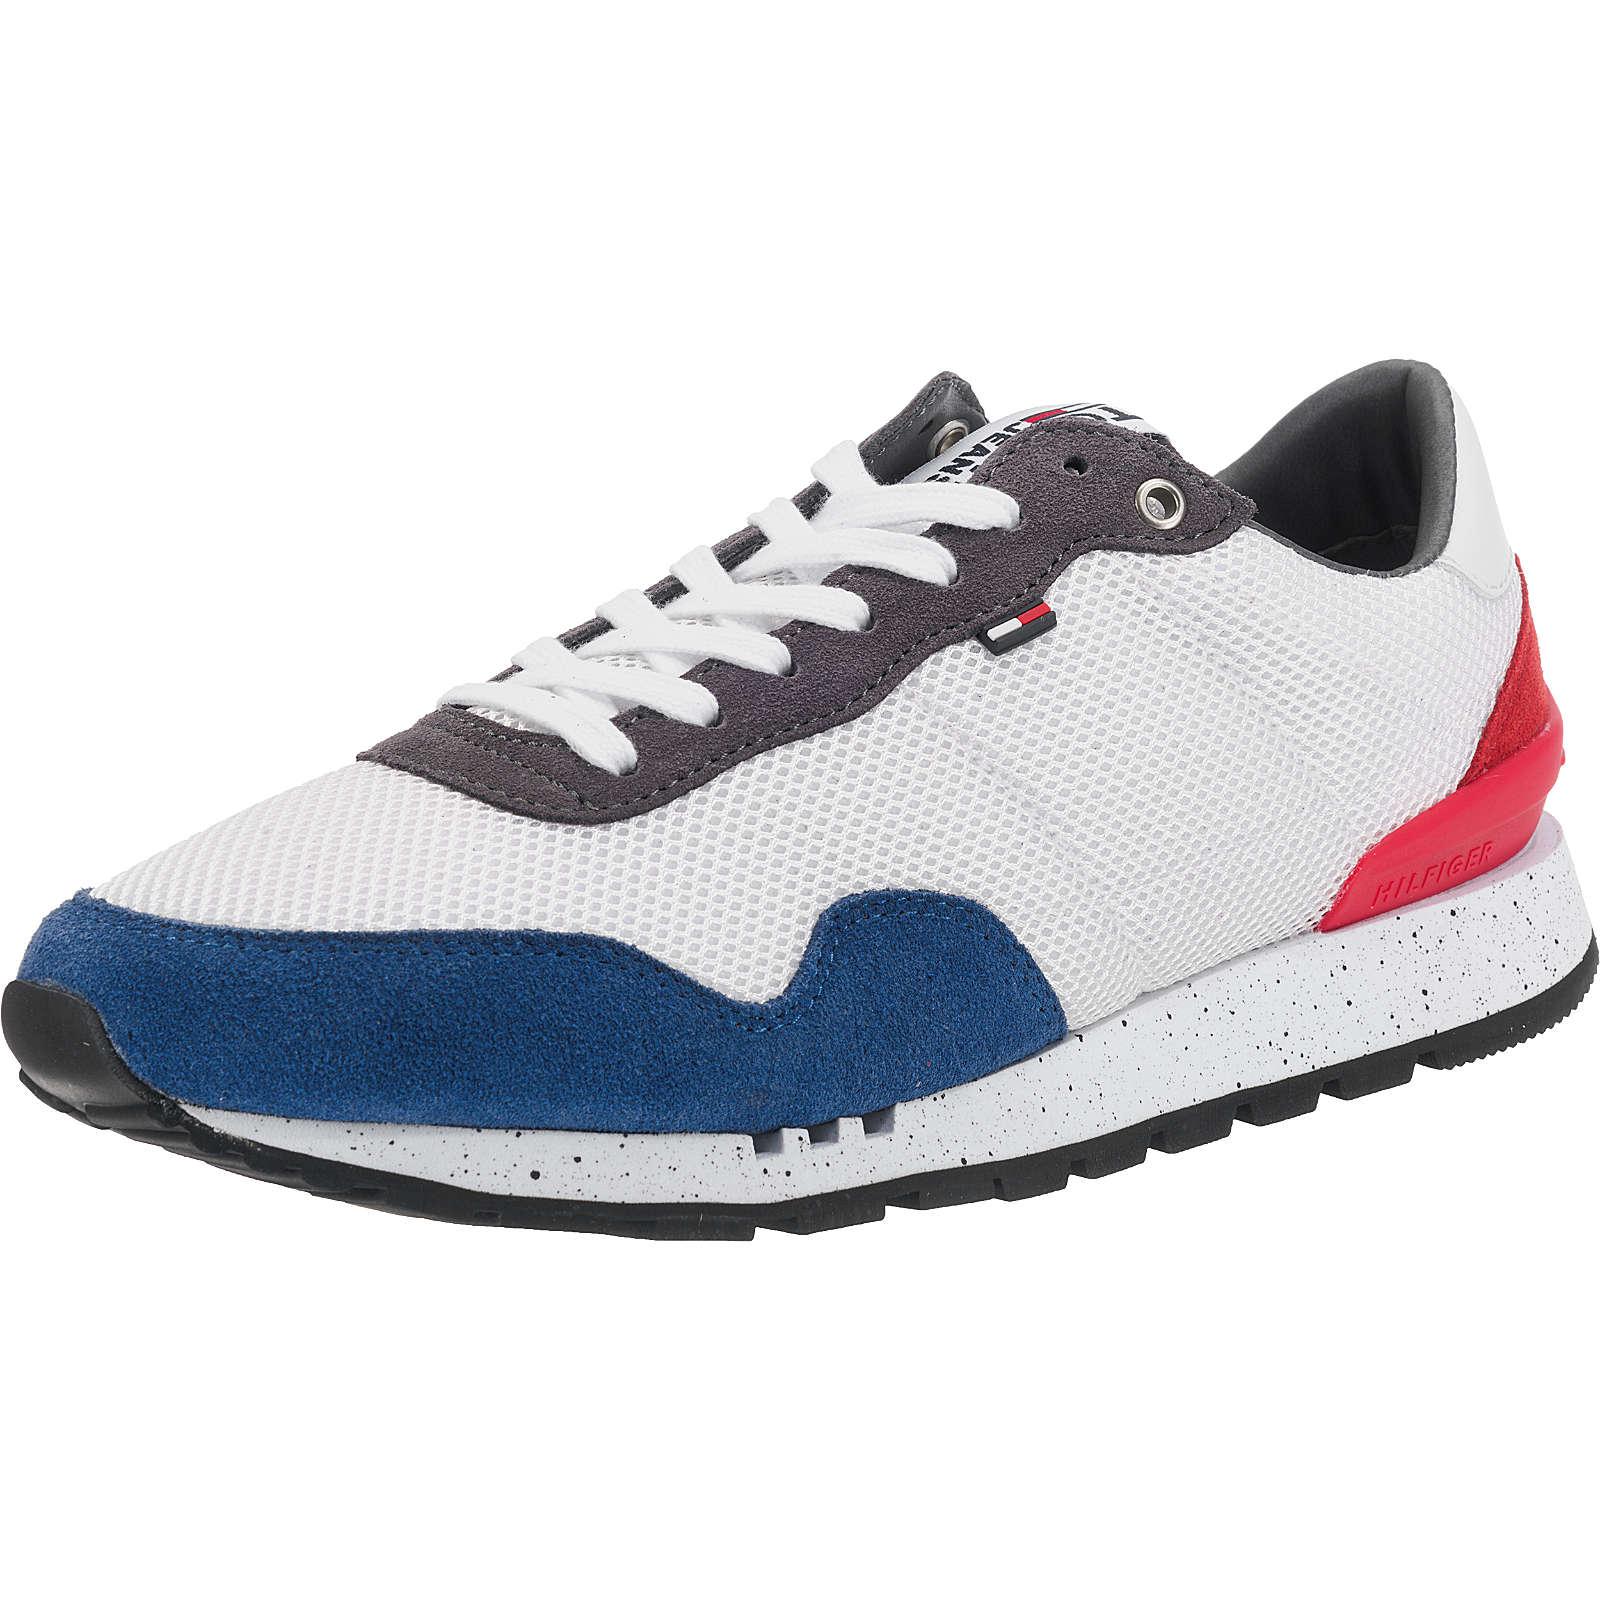 TOMMY JEANS LIFESTYLE SNEAKER Sneakers Low weiß Herren Gr. 41